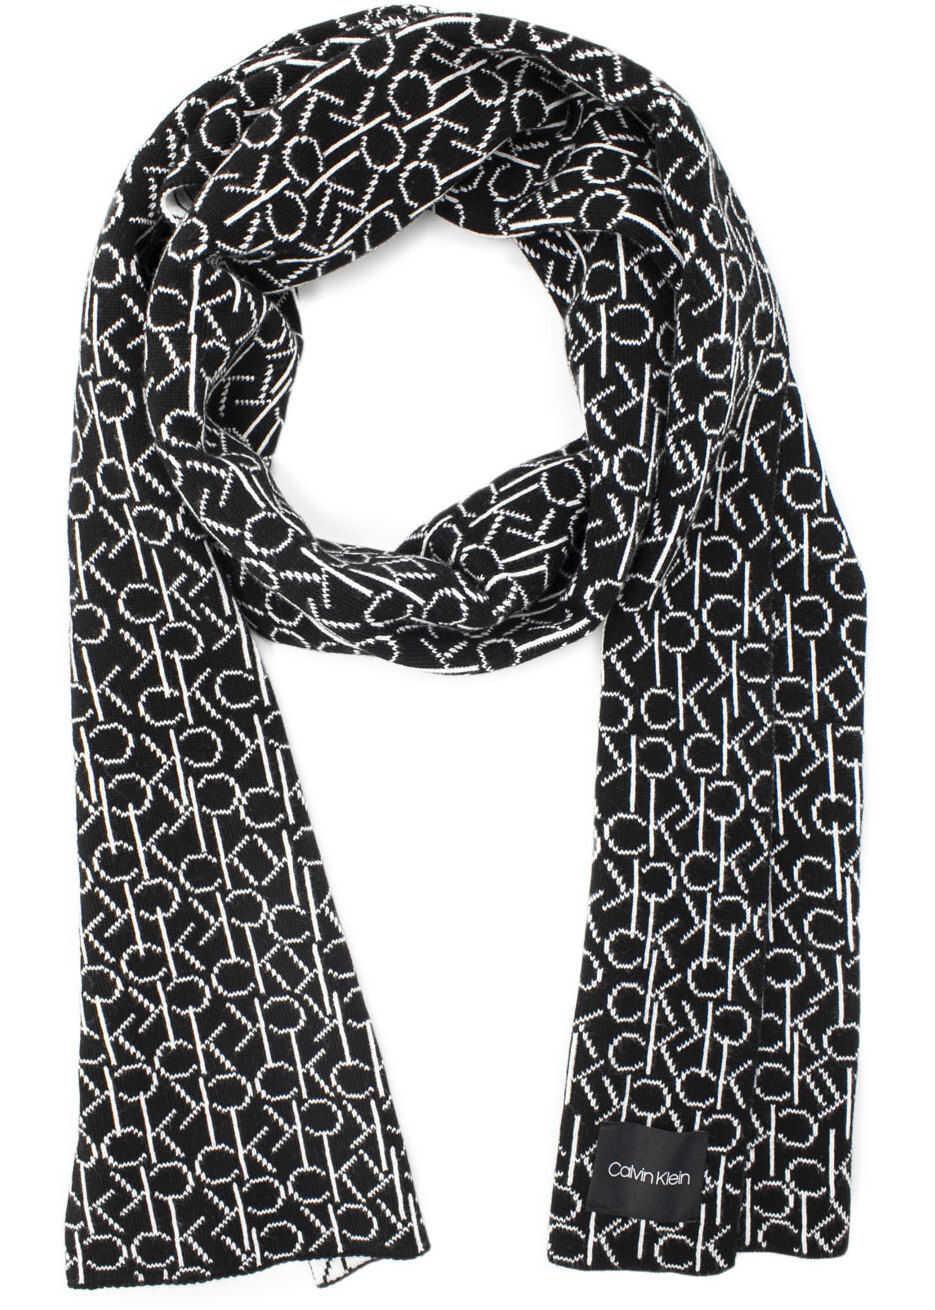 Calvin Klein K50K504102Blk Cotton Scarf BLACK